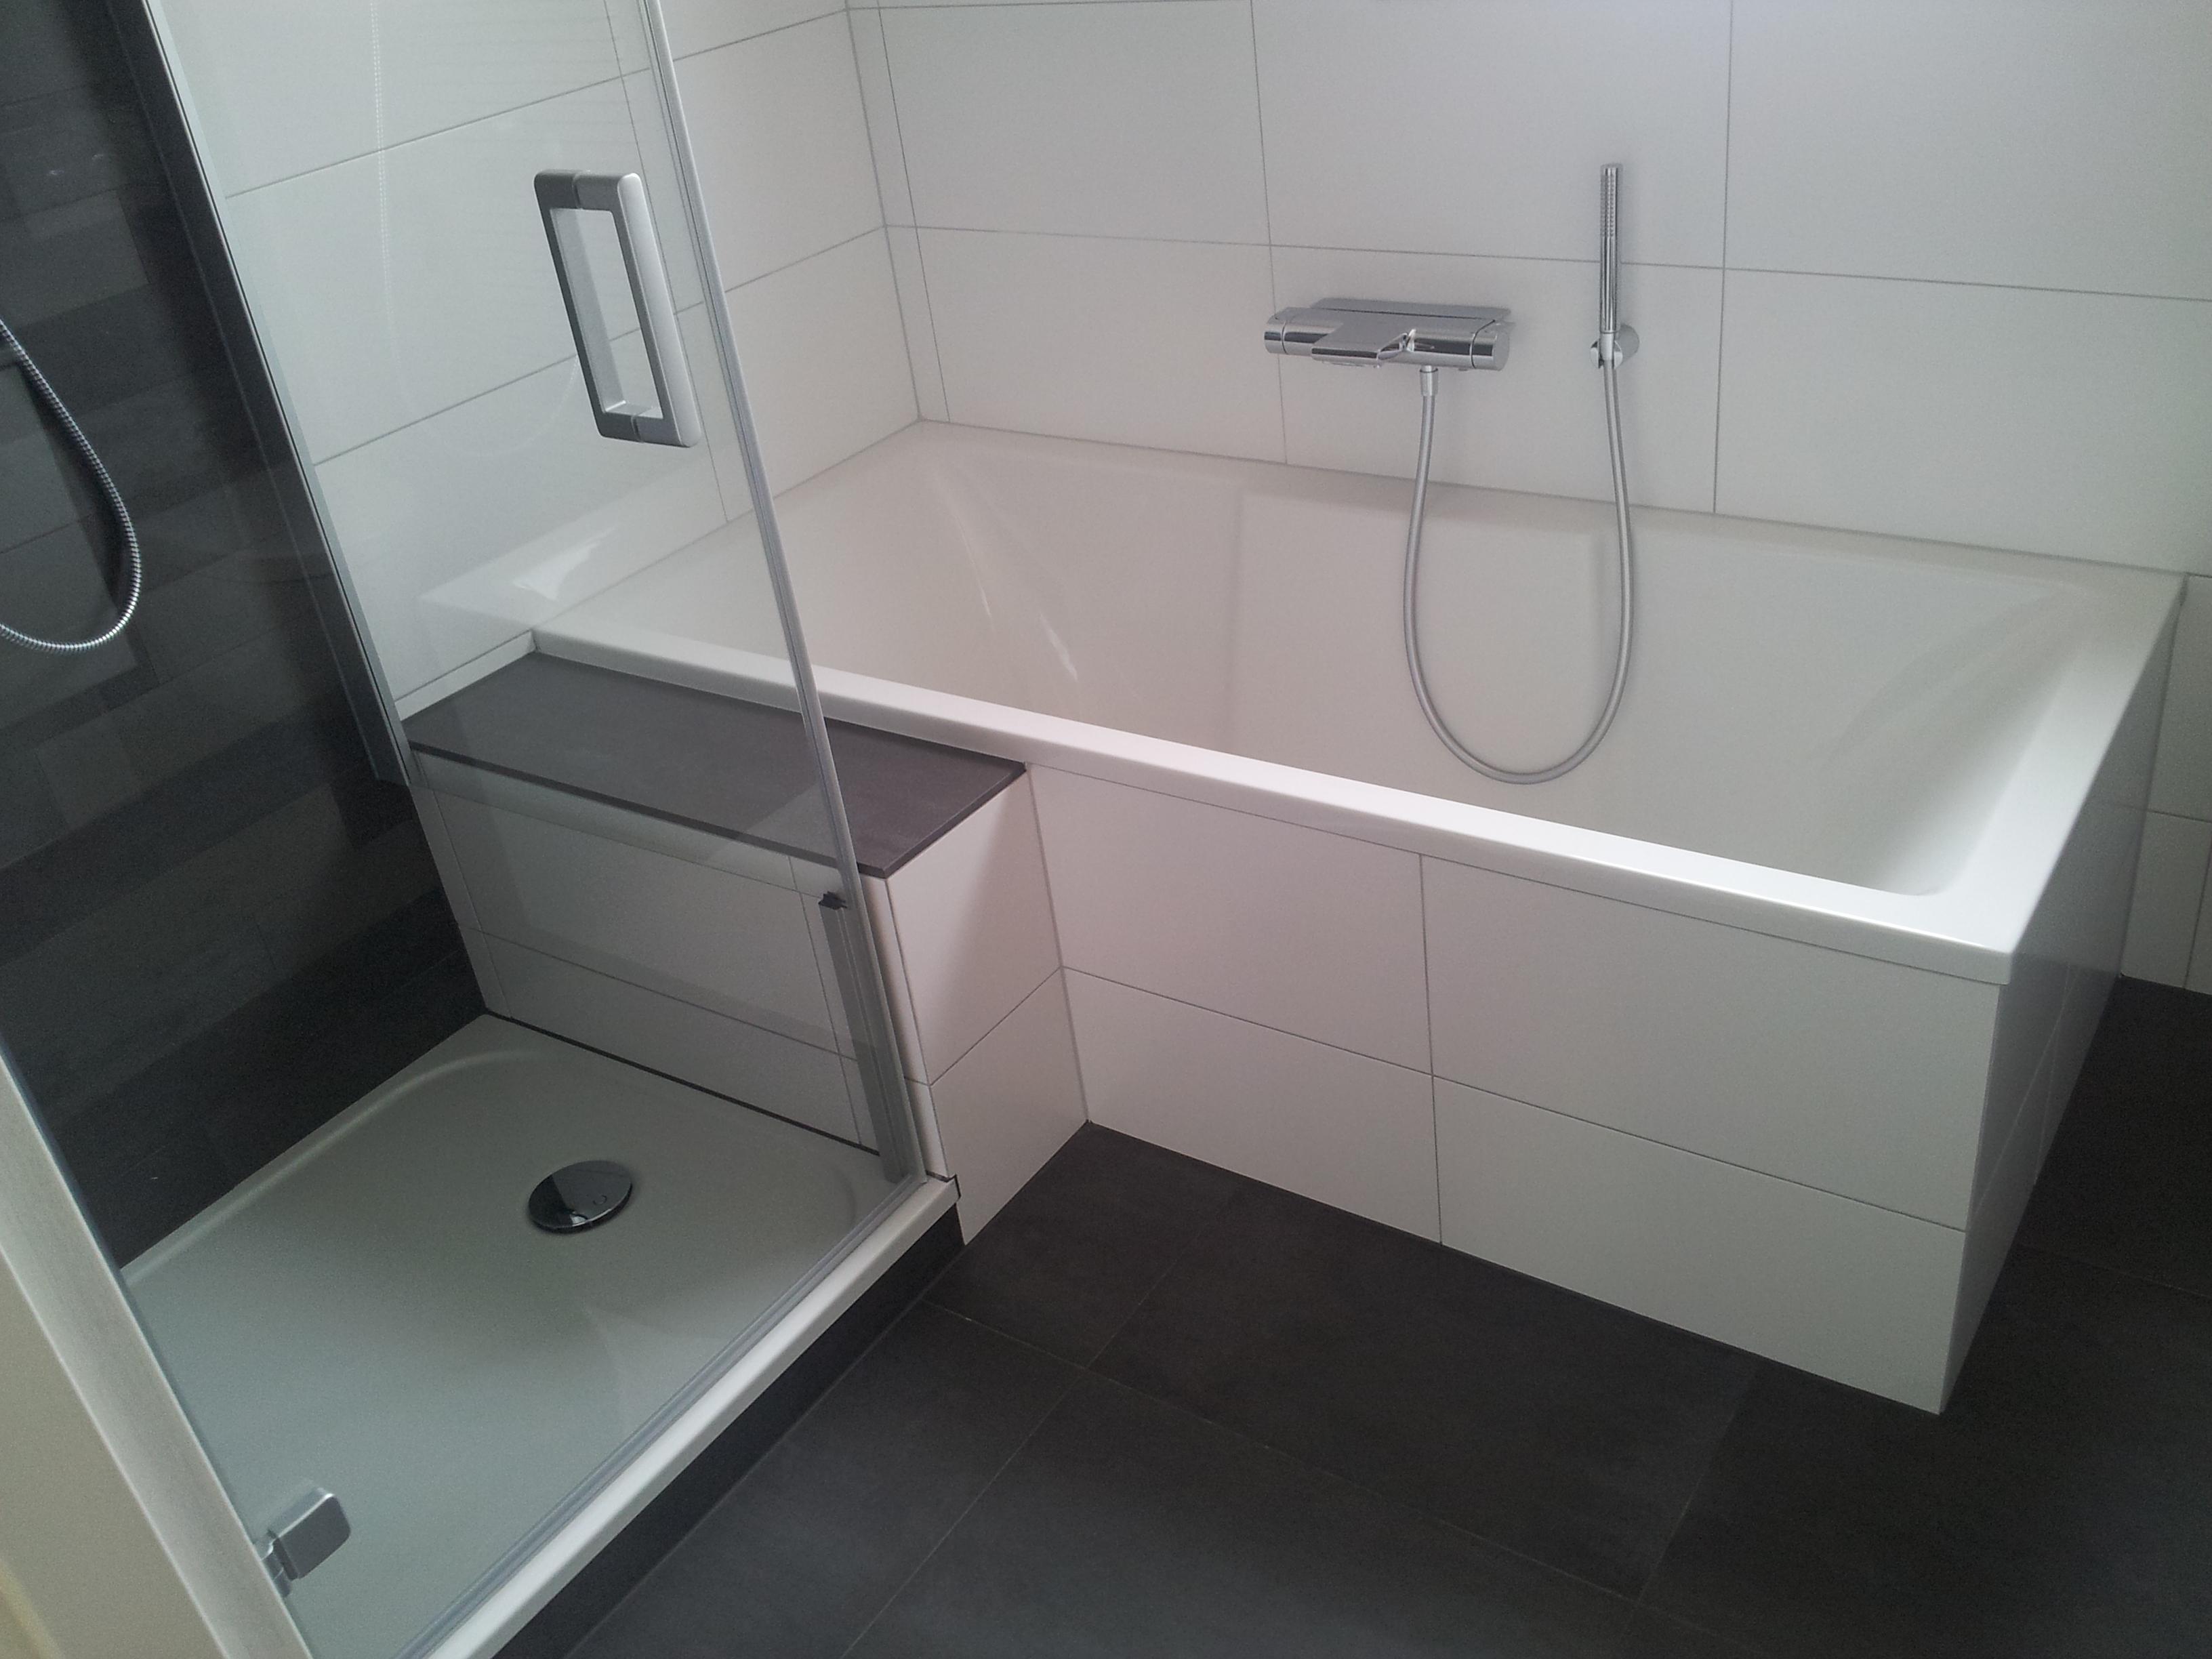 Snelle Renovatie Badkamer : Installatietechniek ubaghs badkamer renovatie vd broek